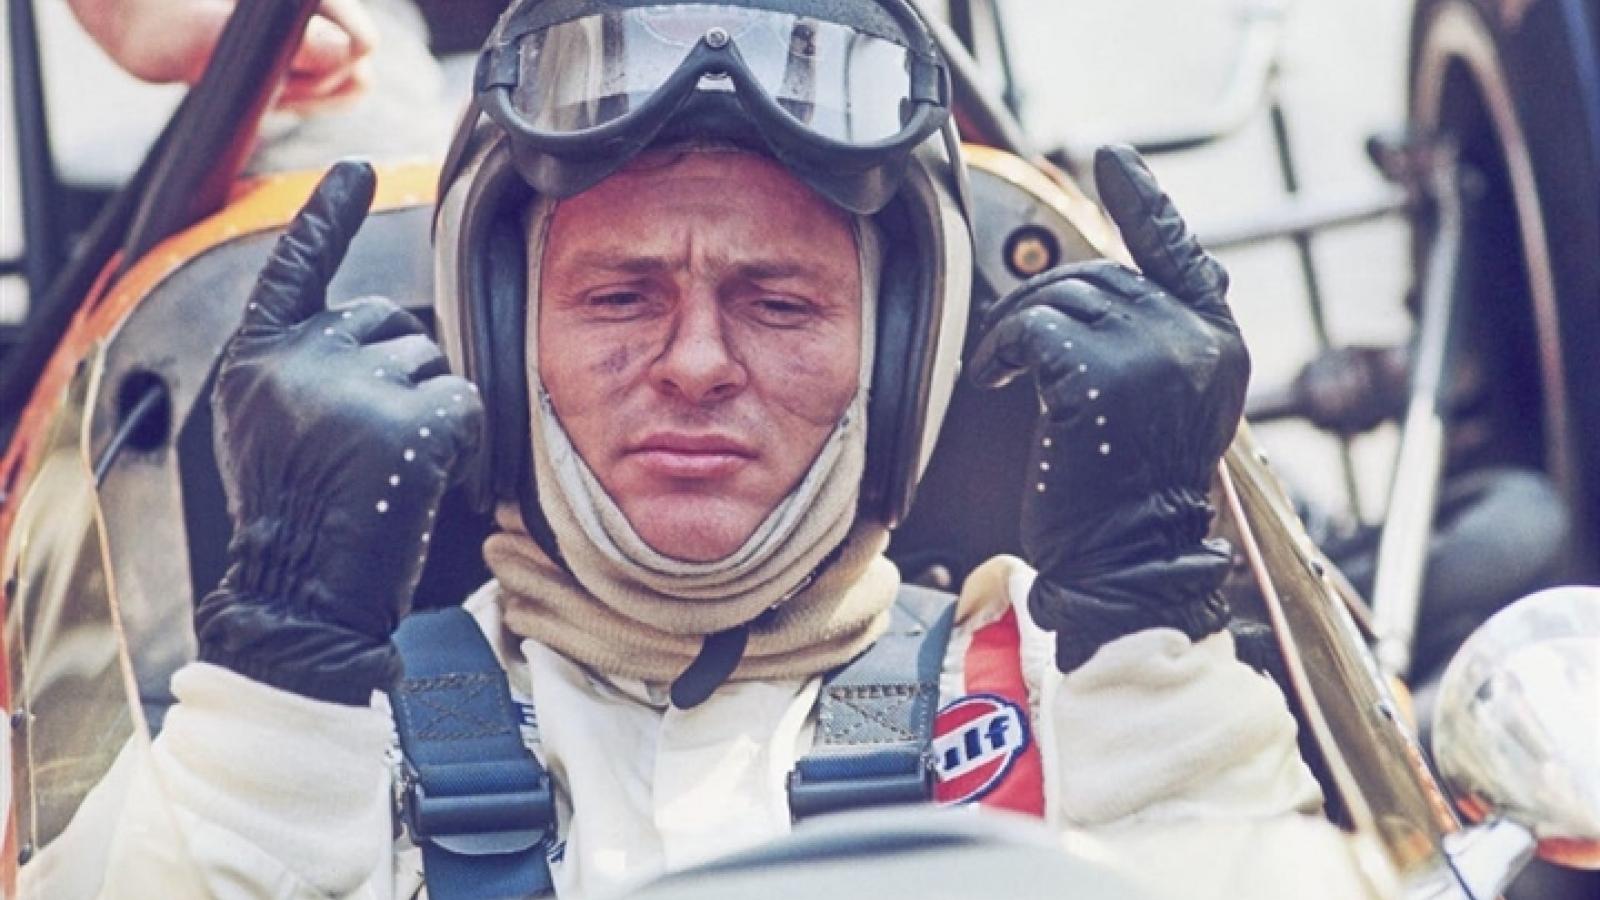 Nhà sản xuất siêu xe McLaren – từng bị liệt trước khi nổi tiếng